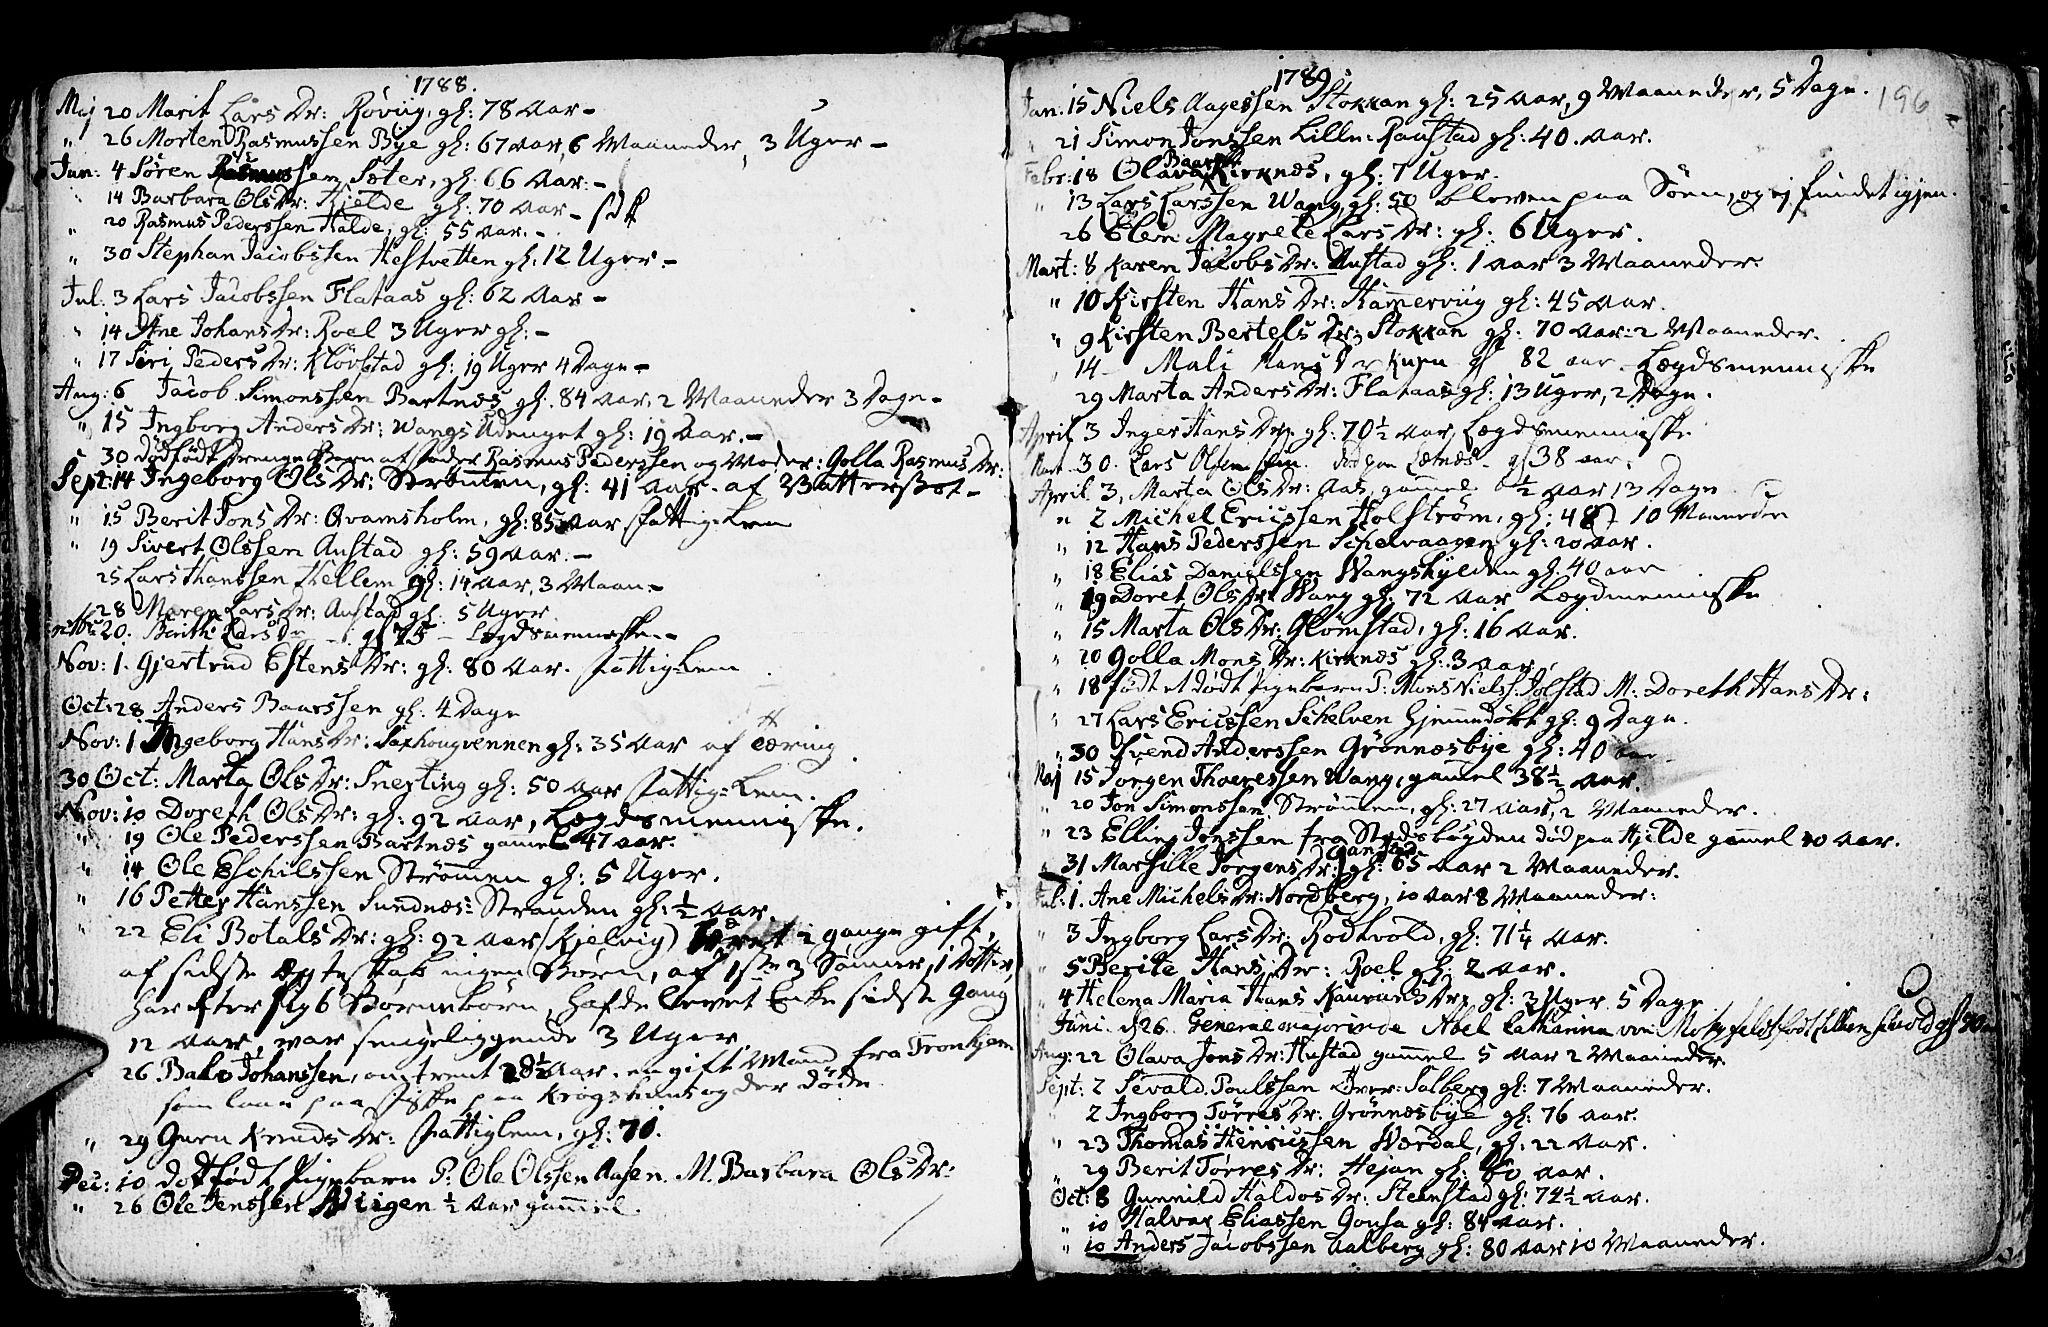 SAT, Ministerialprotokoller, klokkerbøker og fødselsregistre - Nord-Trøndelag, 730/L0273: Ministerialbok nr. 730A02, 1762-1802, s. 196